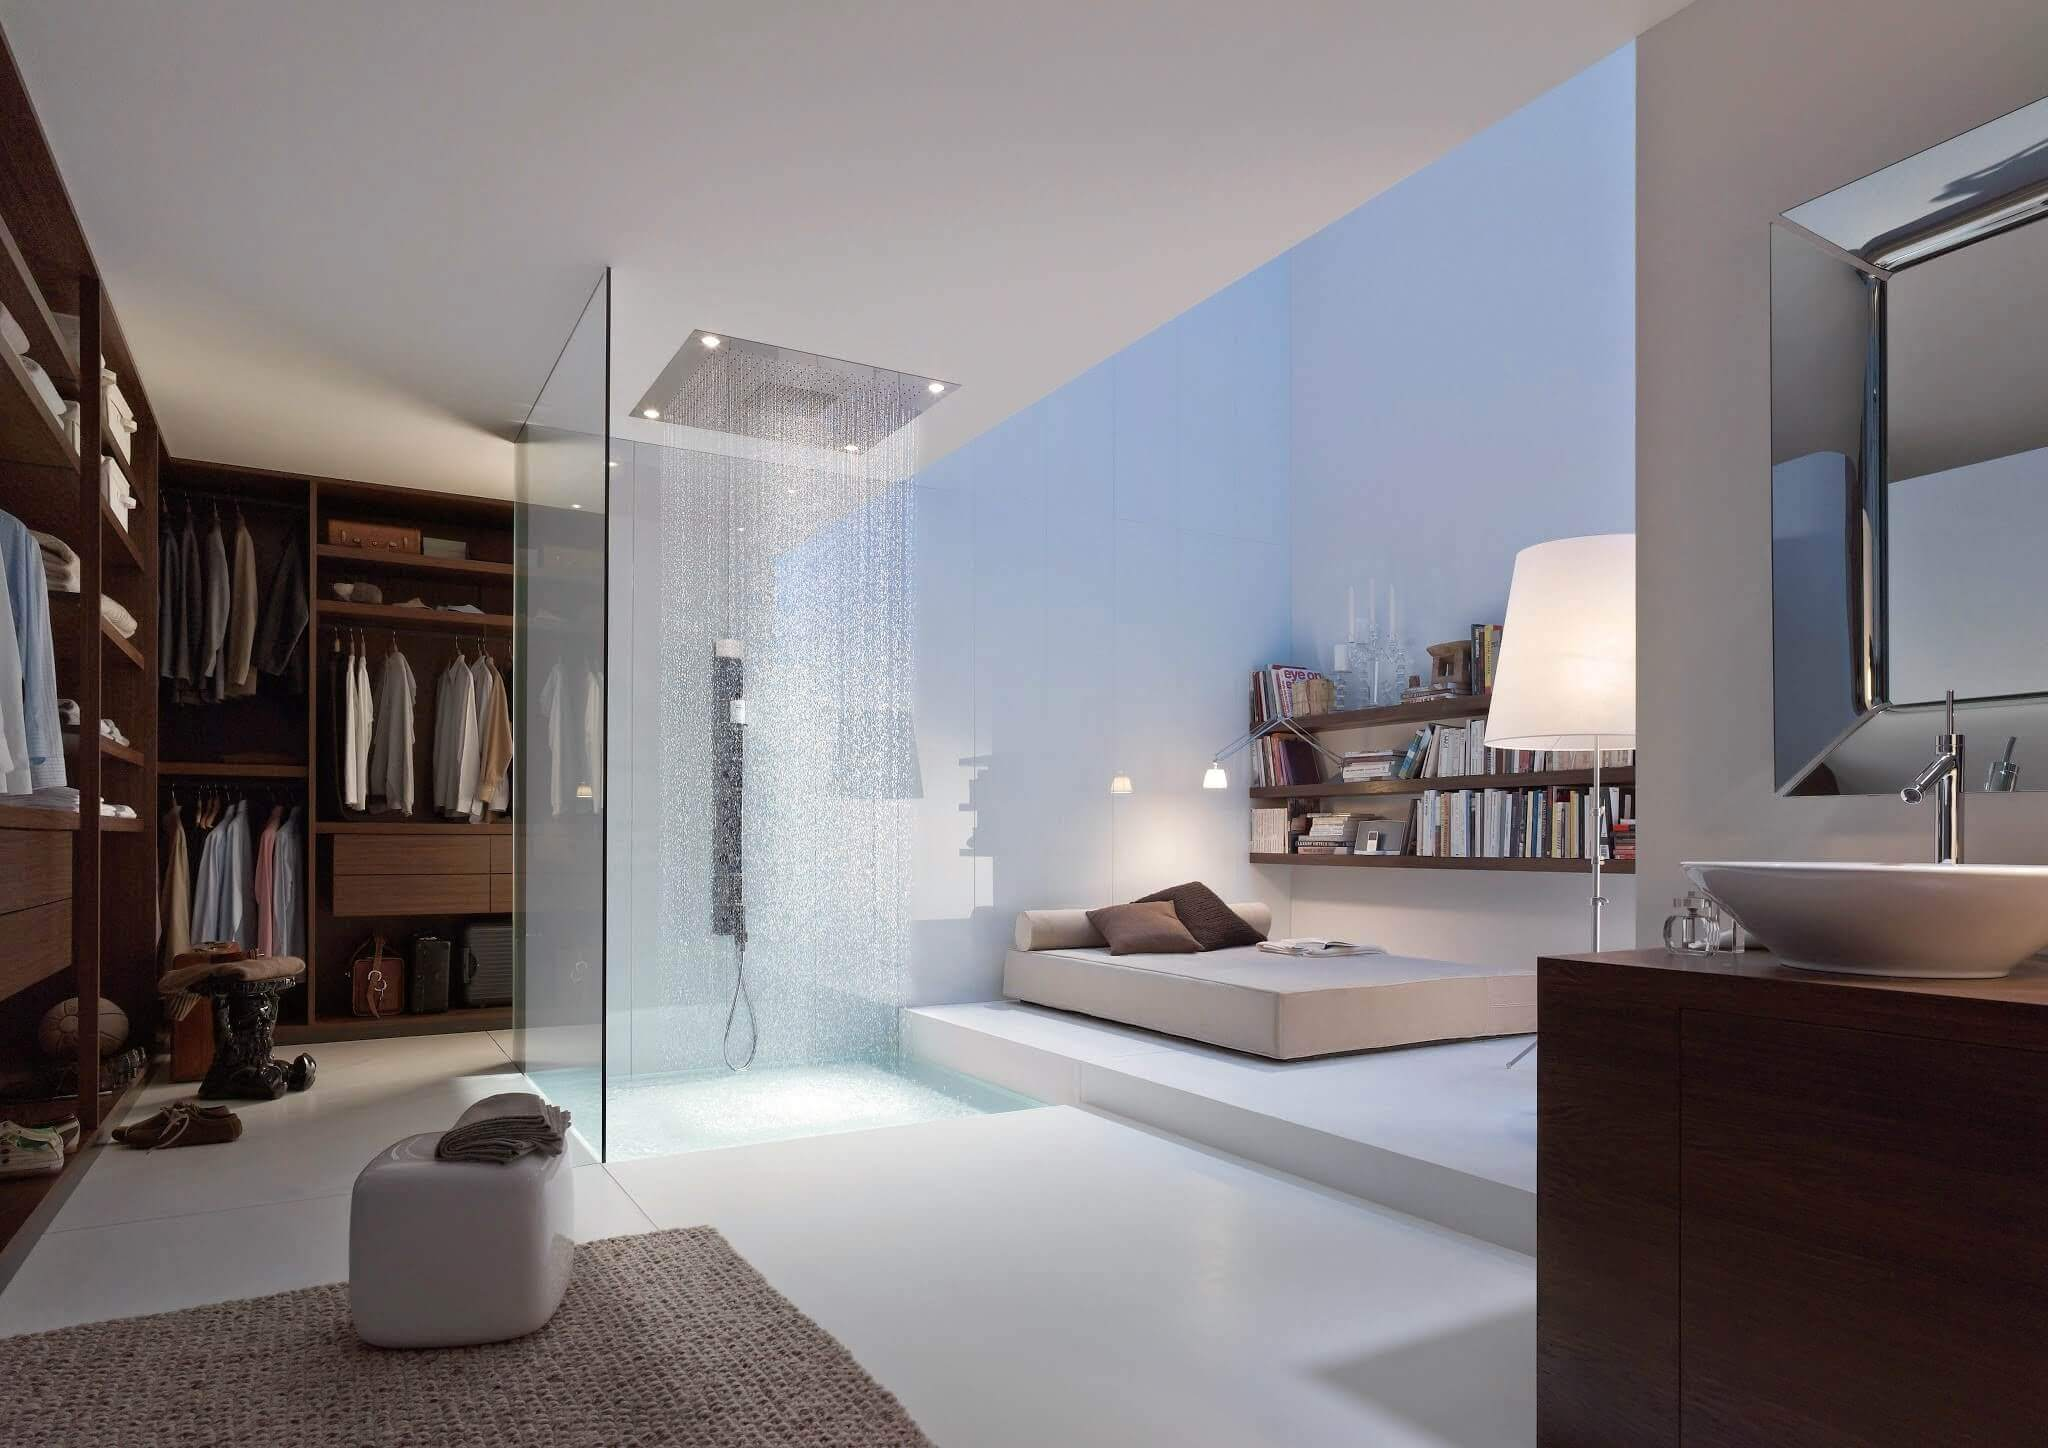 Luxusbäder Die Begeistern Schlafzimmer Und Badezimmer Kombiniert